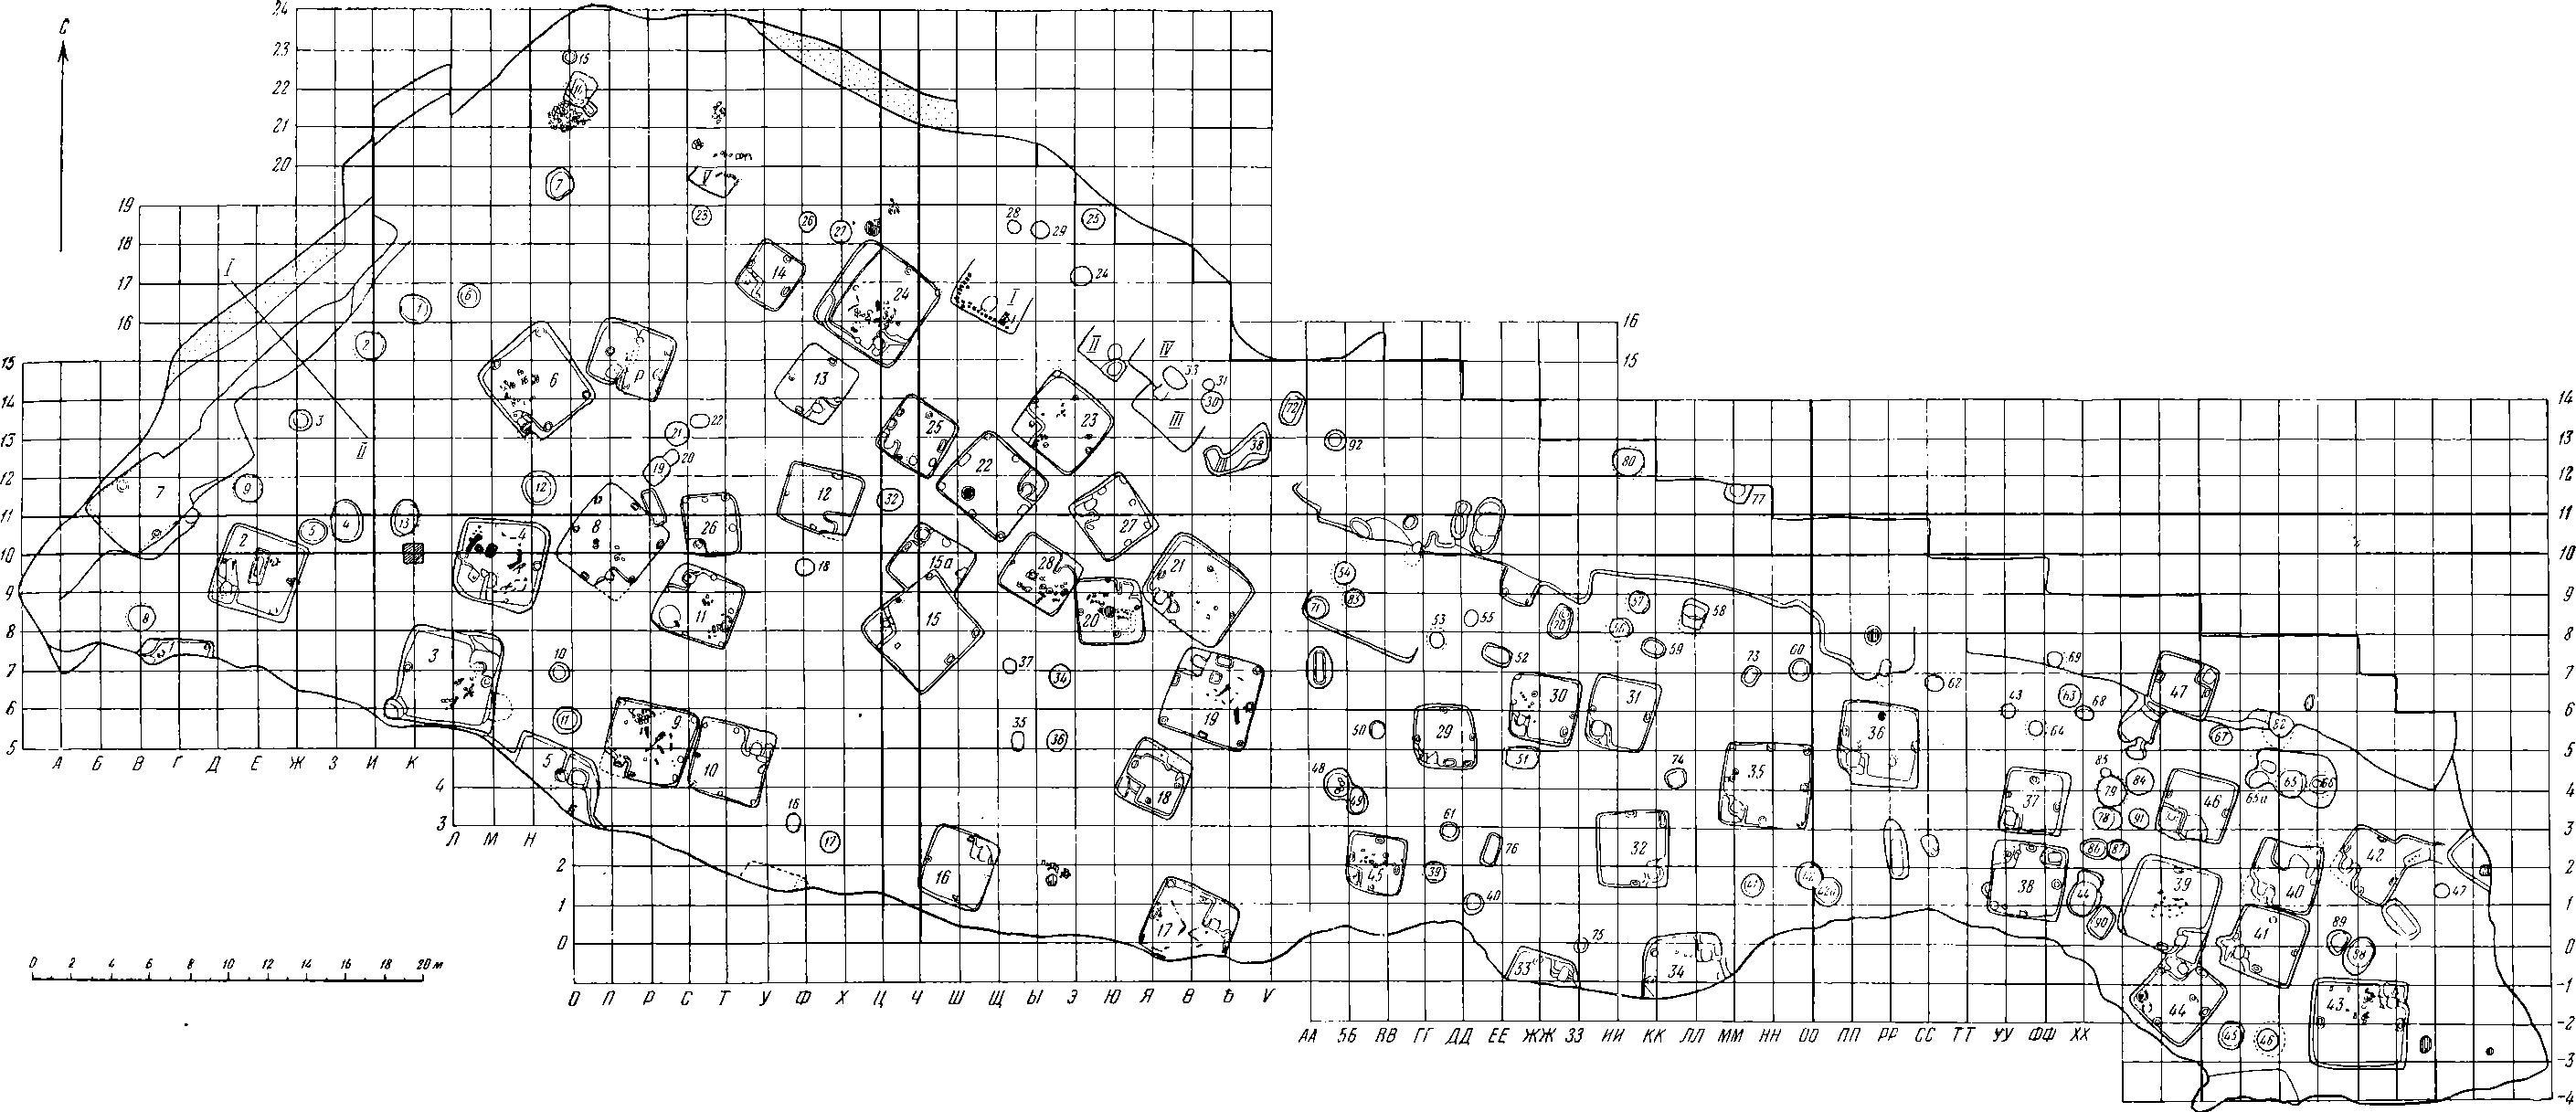 Рис. 2. Новотроицкое городище. План раскопа. 1—47 — полуземлянки; 1—91 (в кружках) — остатки хозяйственных сооружении; I—V — остатки полуземлянок.